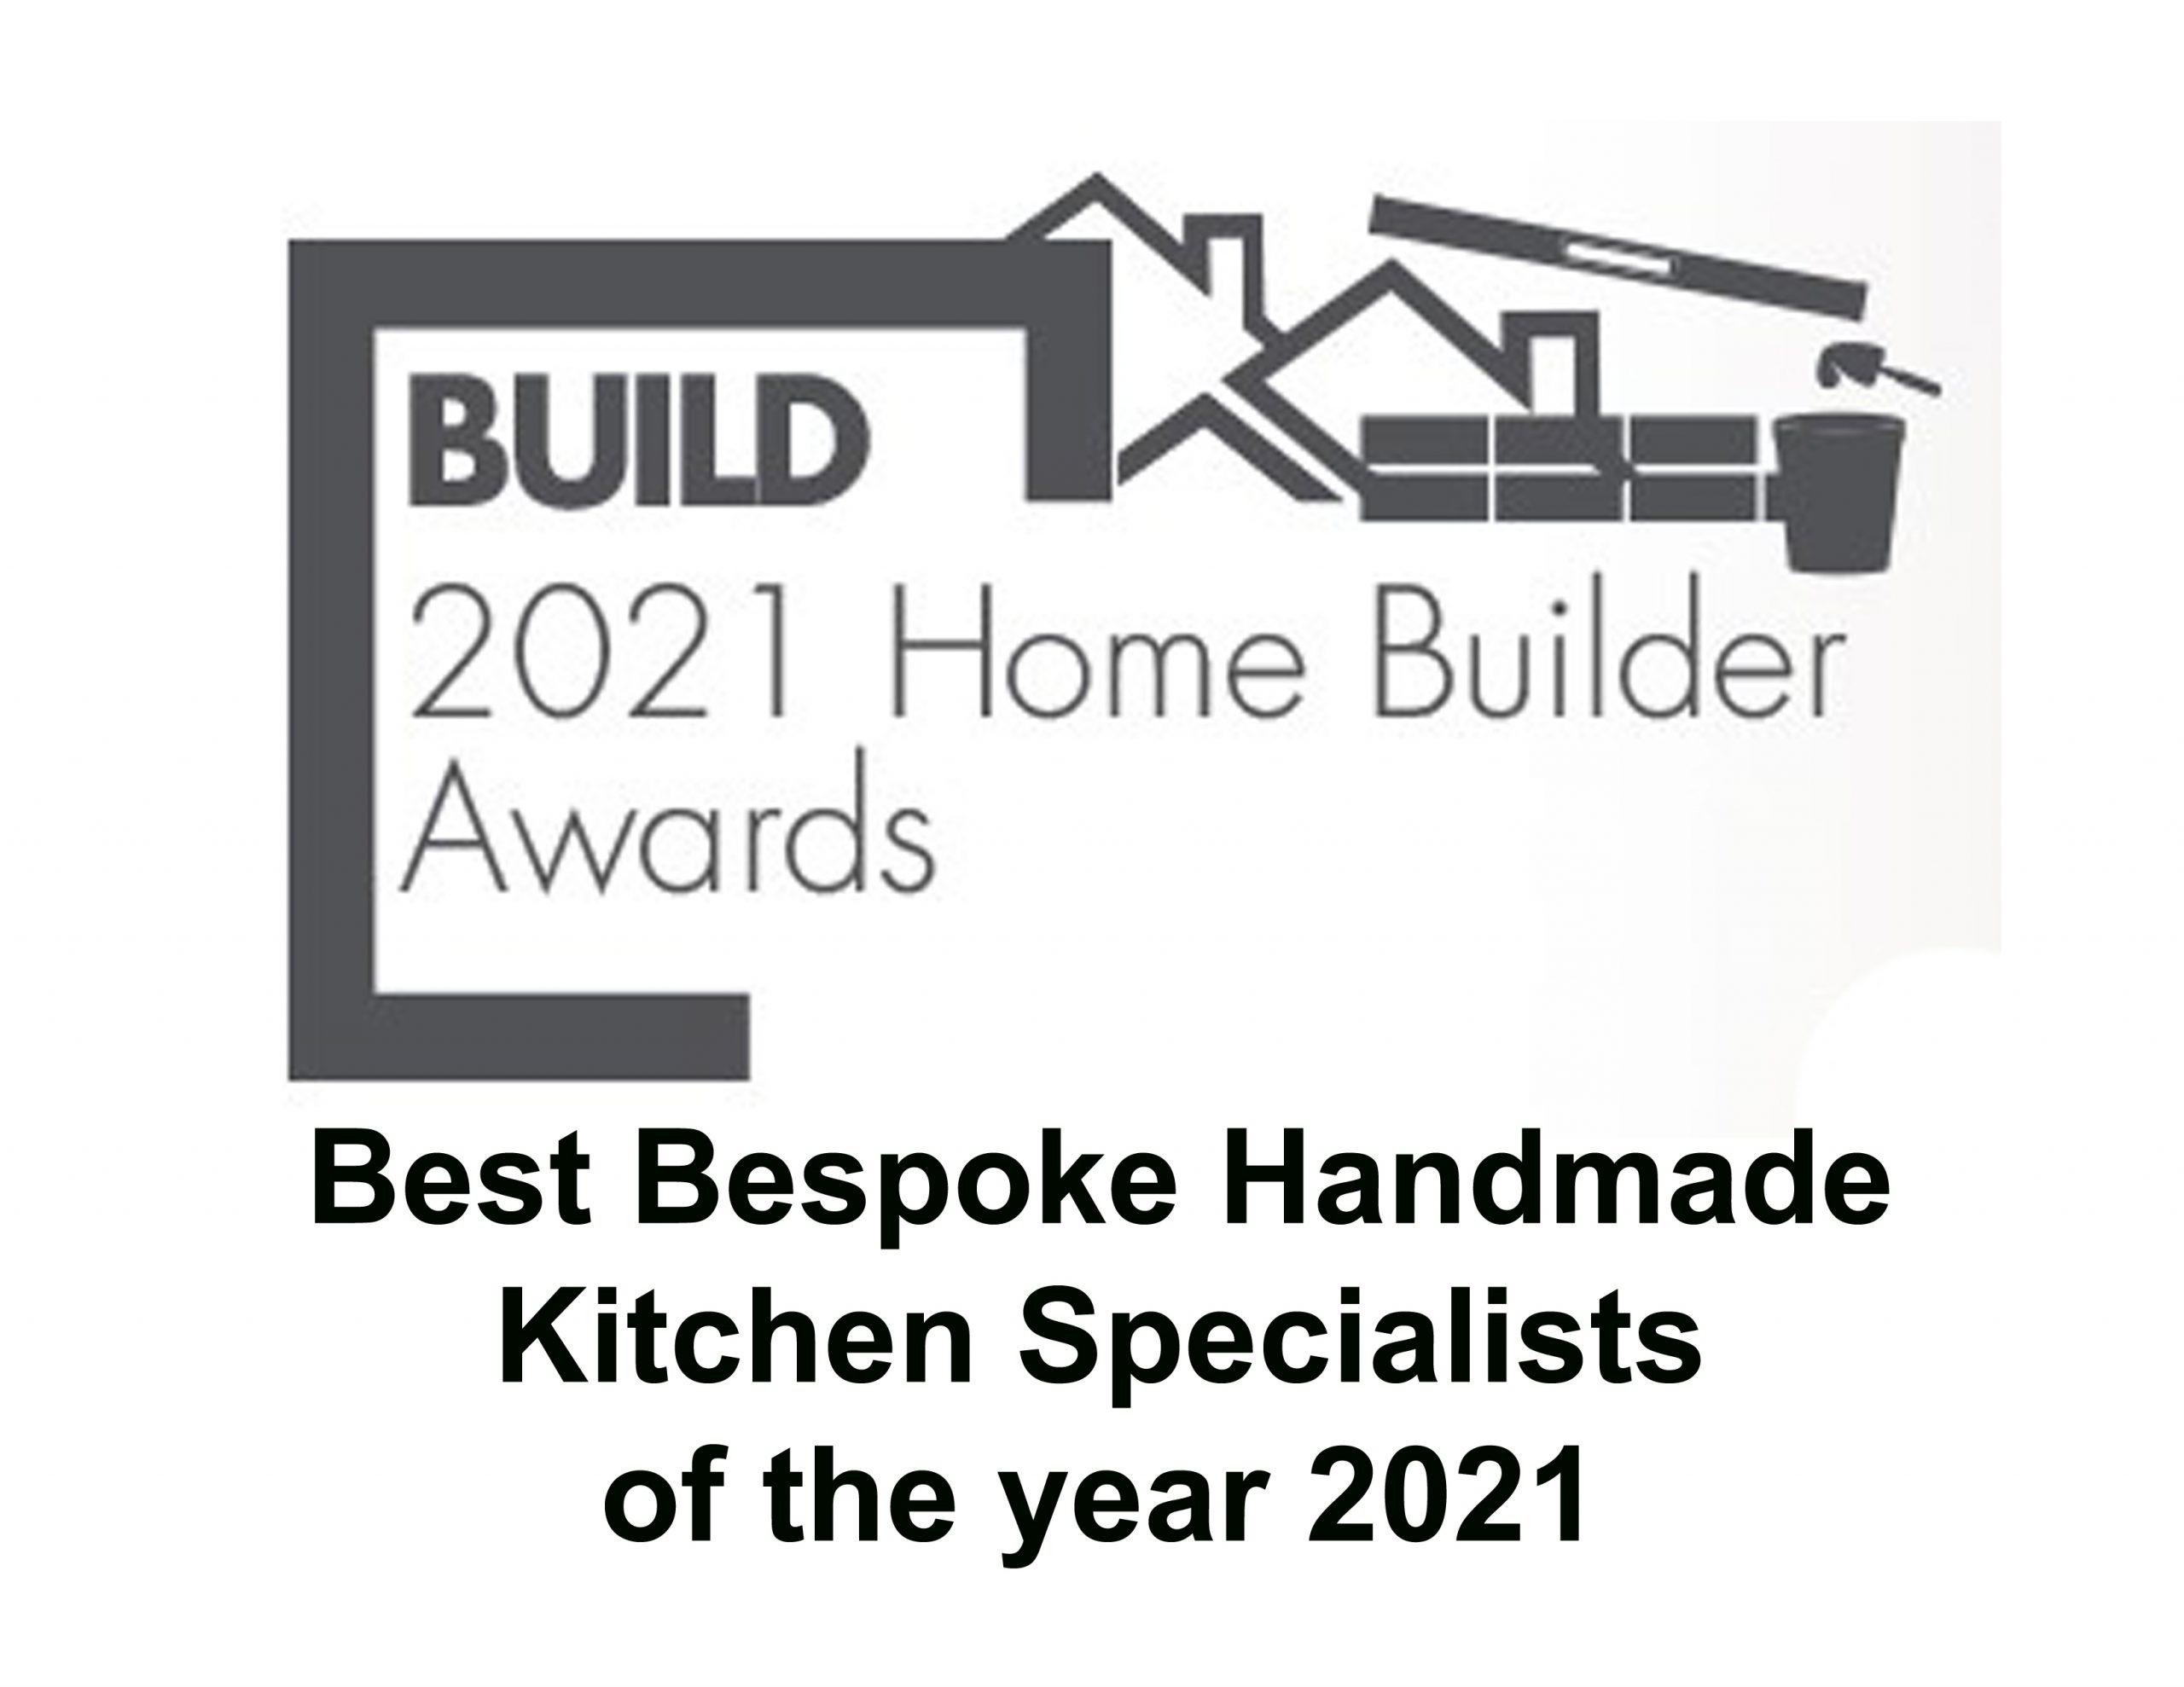 Homebuilder awards